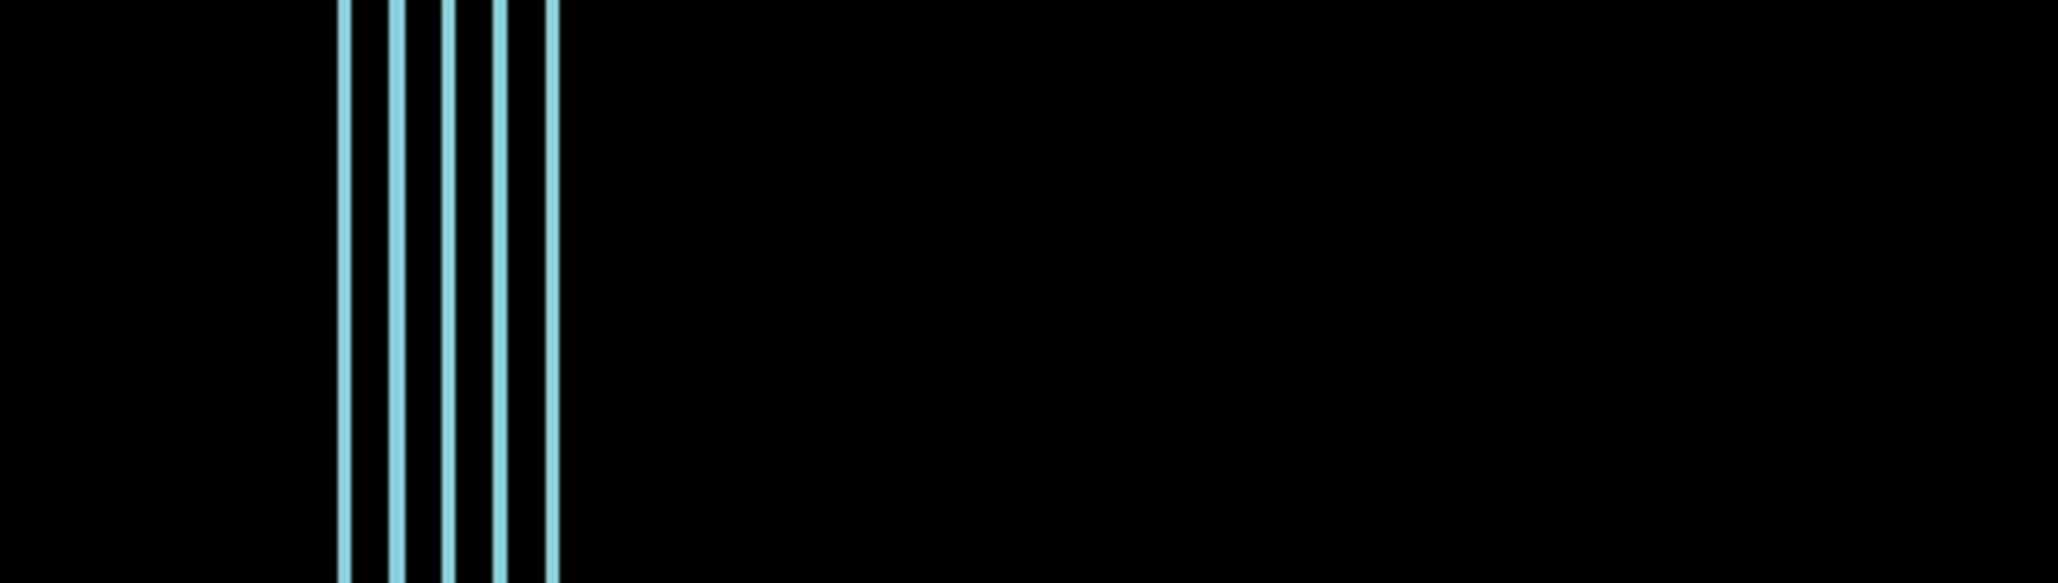 WebBanner2-02 (1)_edited.png